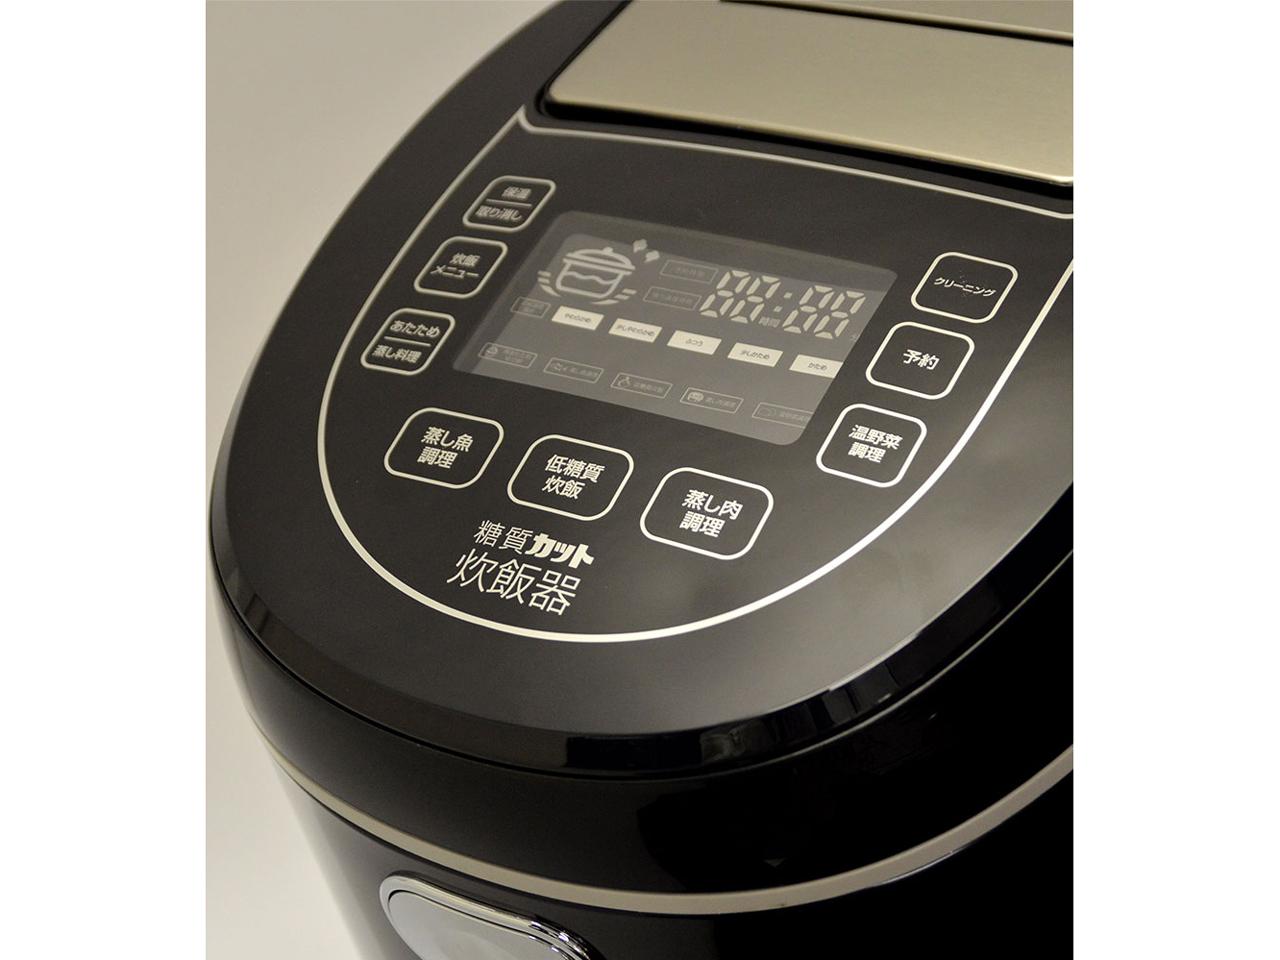 『本体 操作部分』 糖質カット炊飯器 LCARBRCK の製品画像